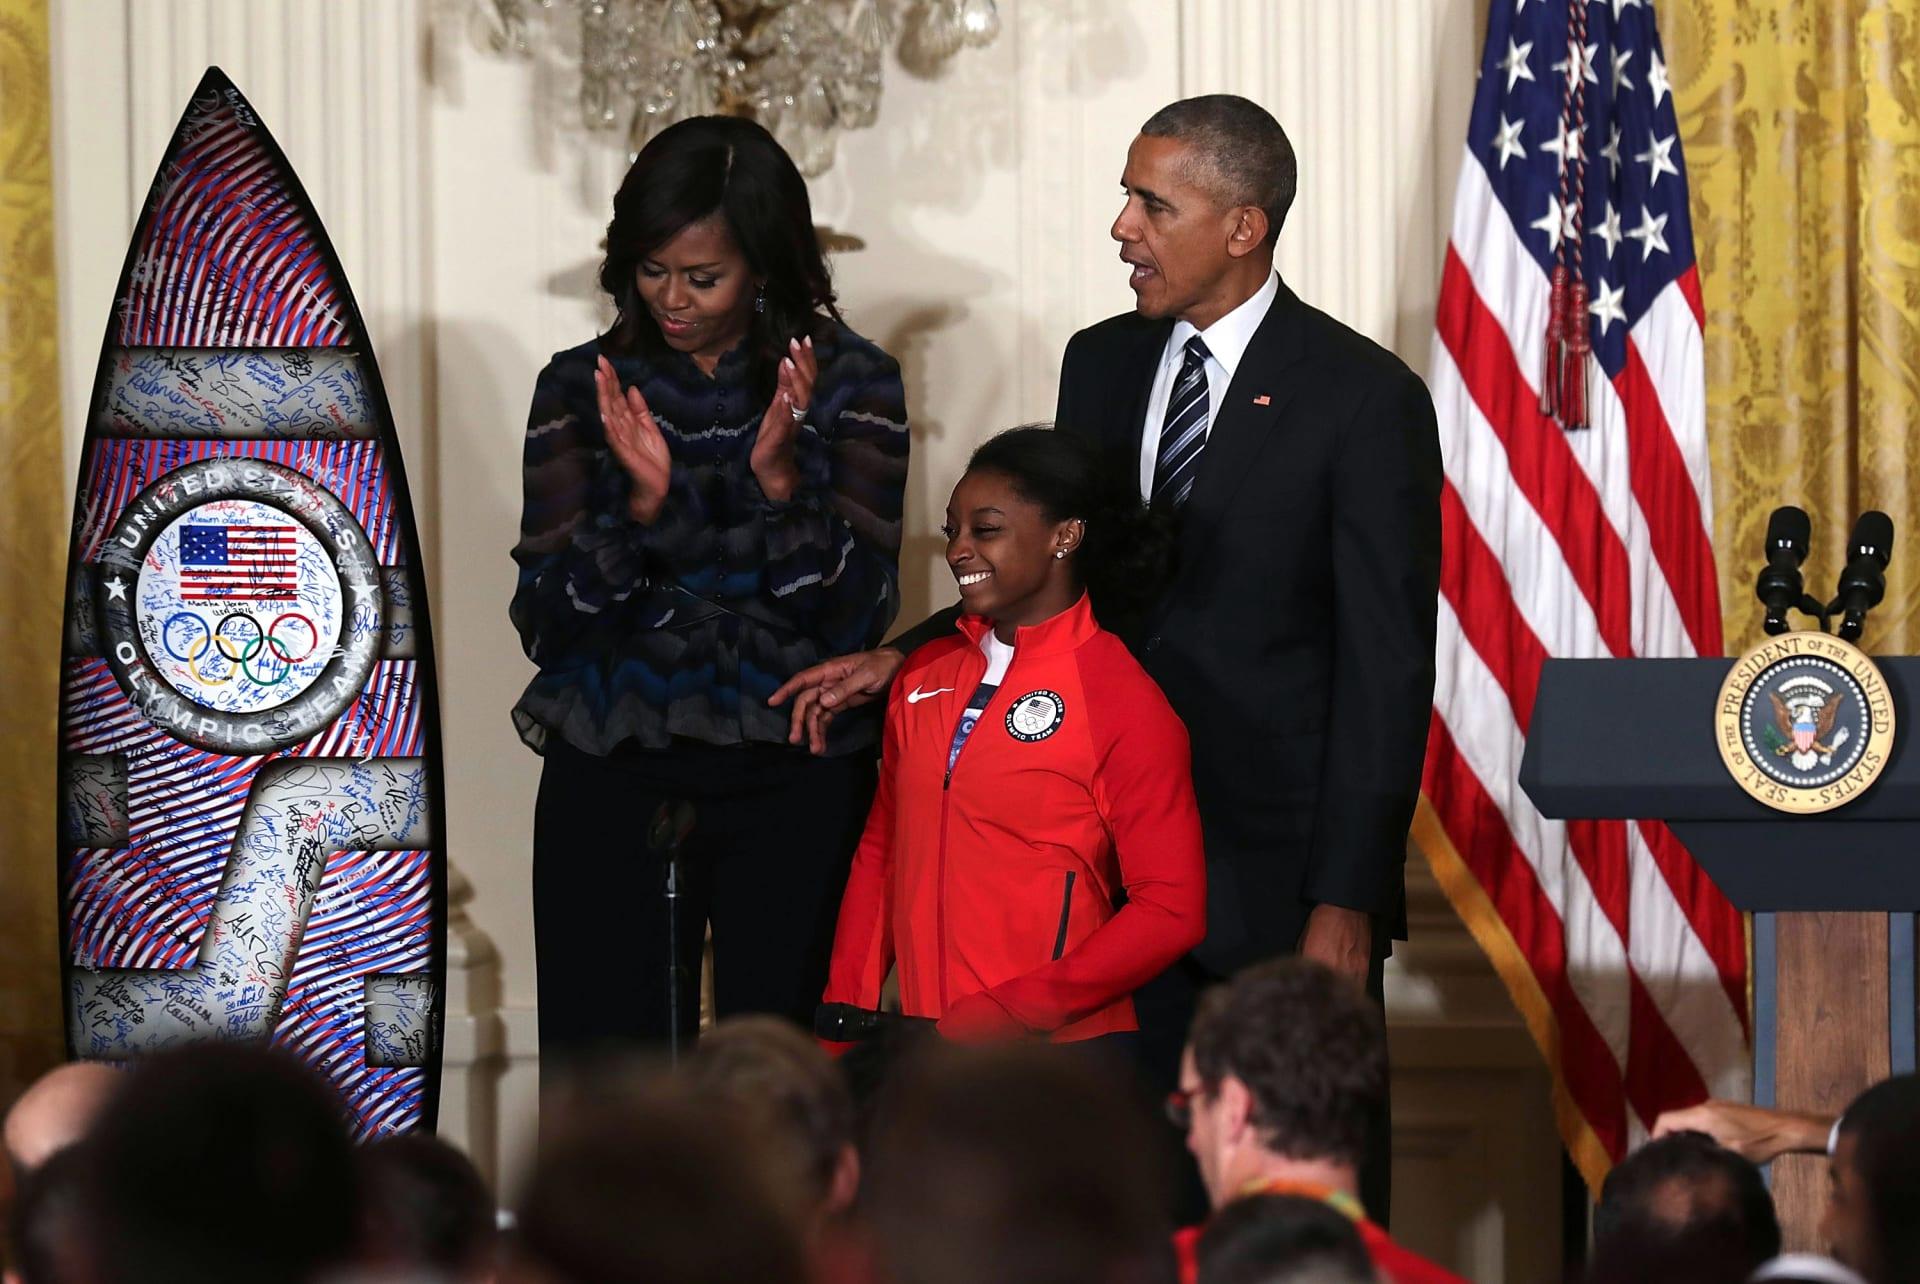 زعيمة الديمقراطيين في مجلس النواب: أوباما لم يضغط لمنع تجاوز الفيتو ضد قانون 11 سبتمبر-test